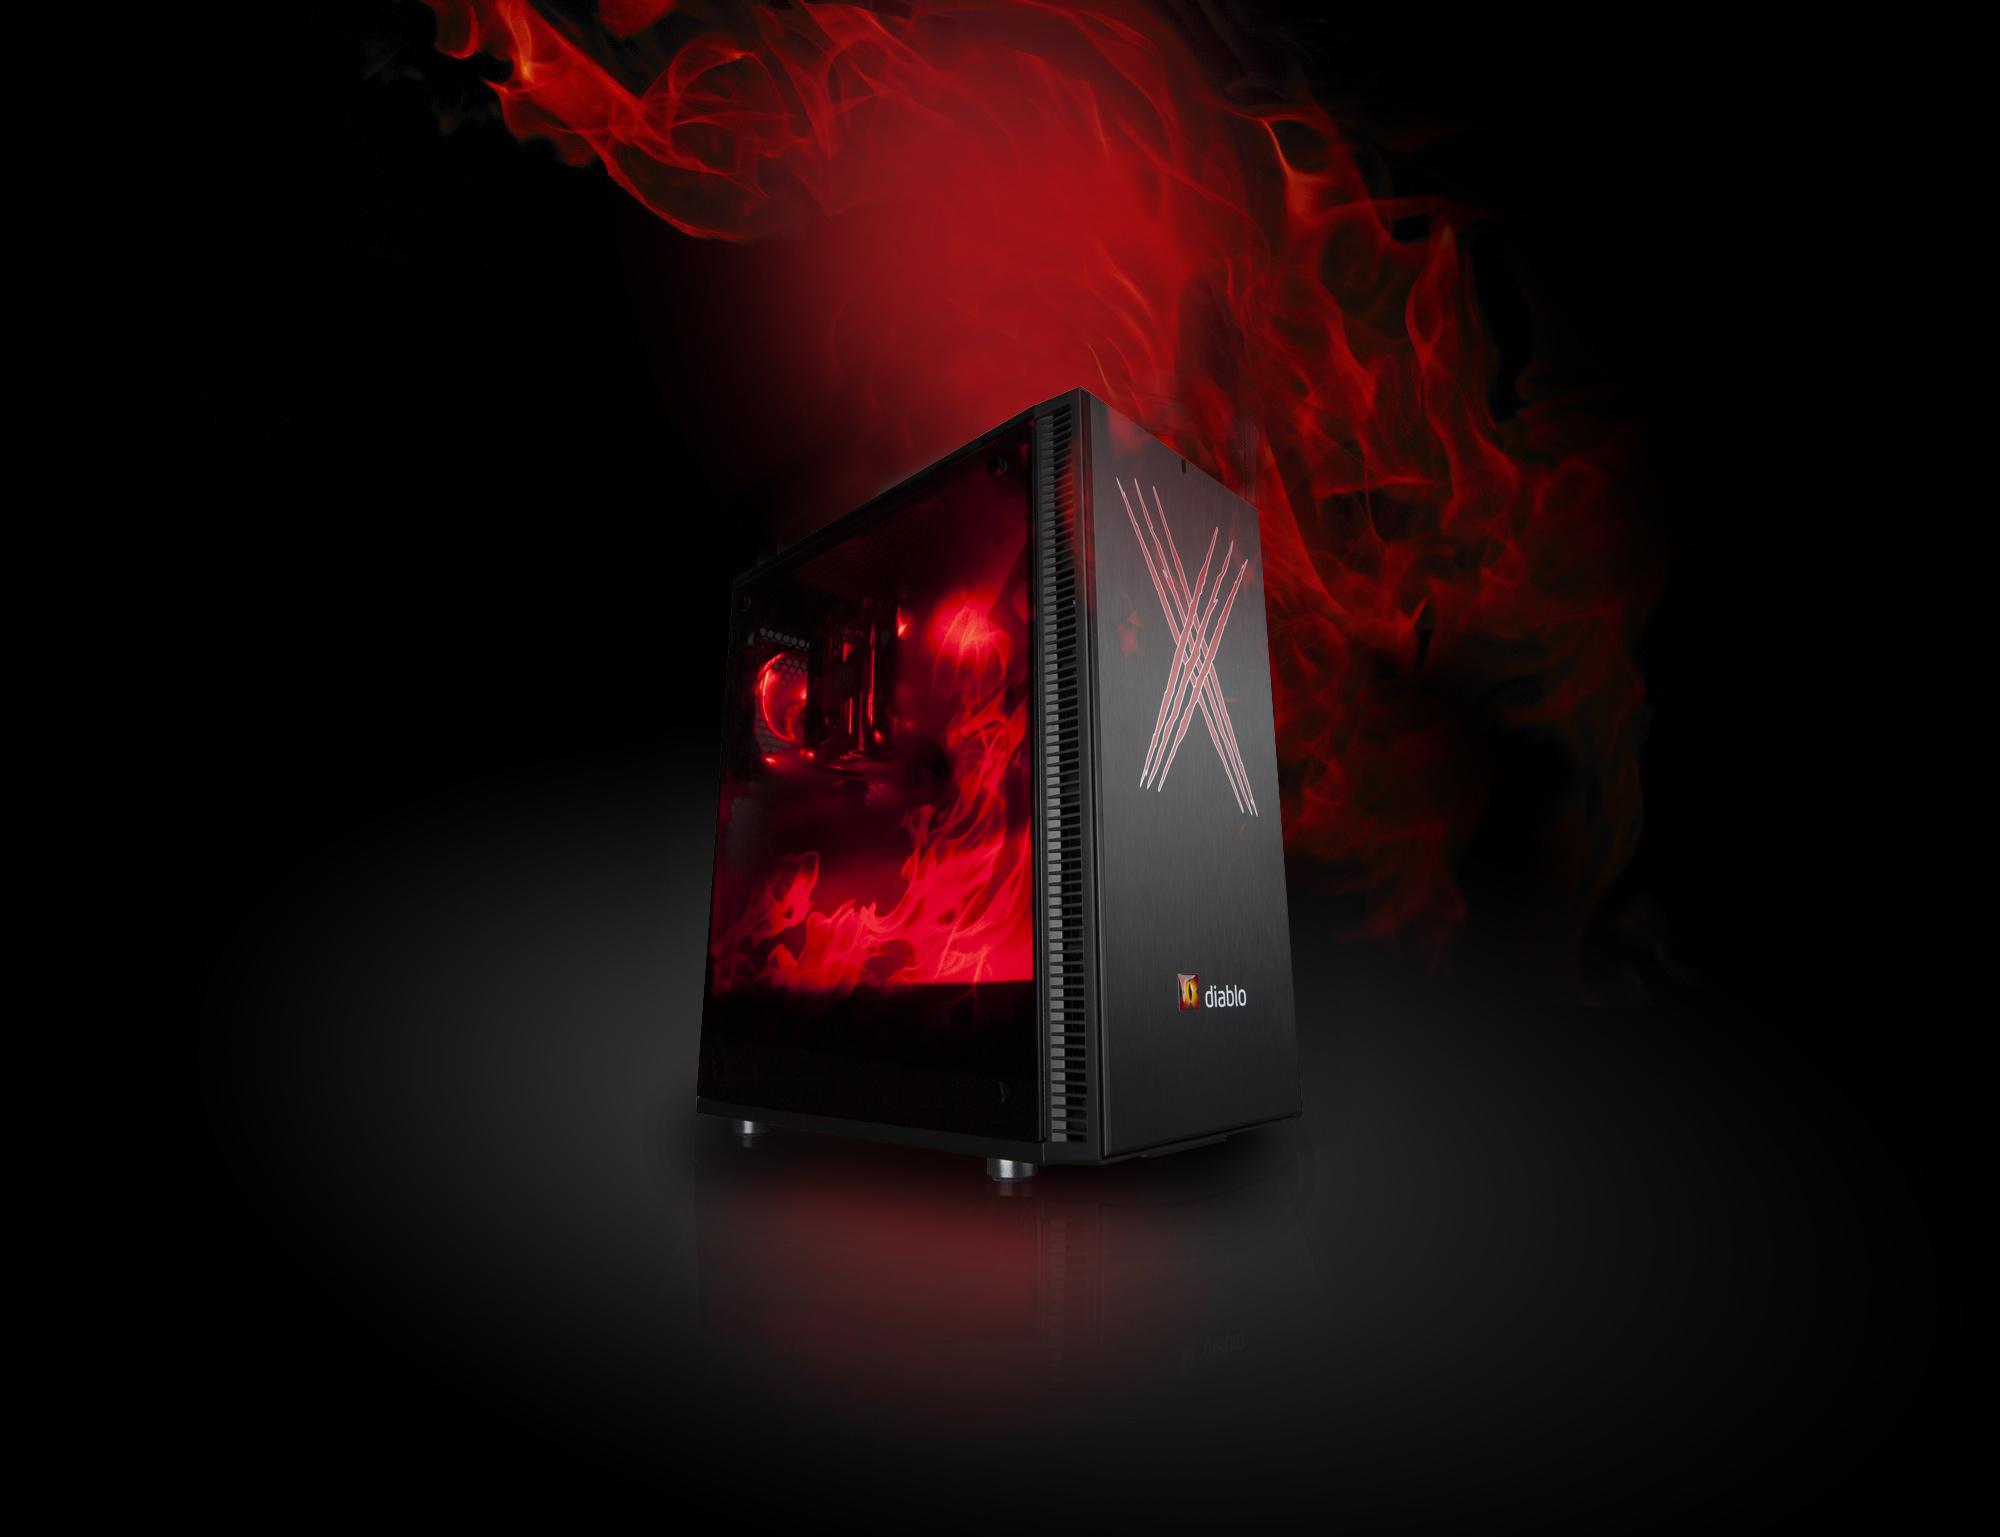 AKCE X-DIABLO Gamer X56 3060 (R5 5600X/16GB/SSD 1000GB NVME/RTX3060/W10/Wifi/LED/KB+M) - 11554311